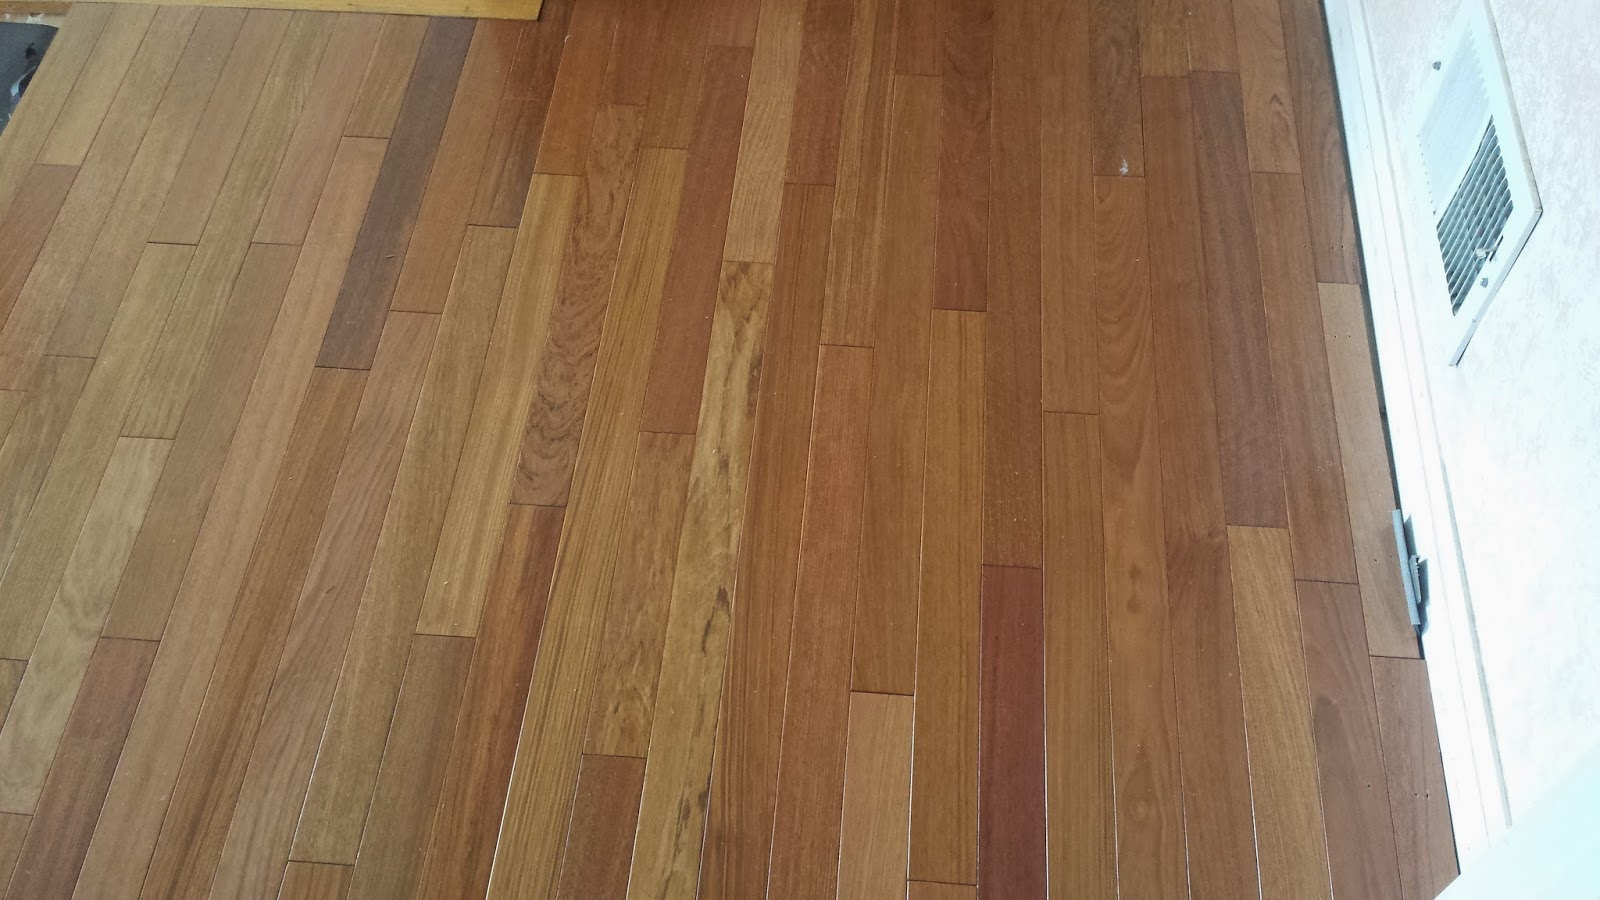 Wholesale hardwood flooring flooring 100 wholesale for Wholesale wood flooring